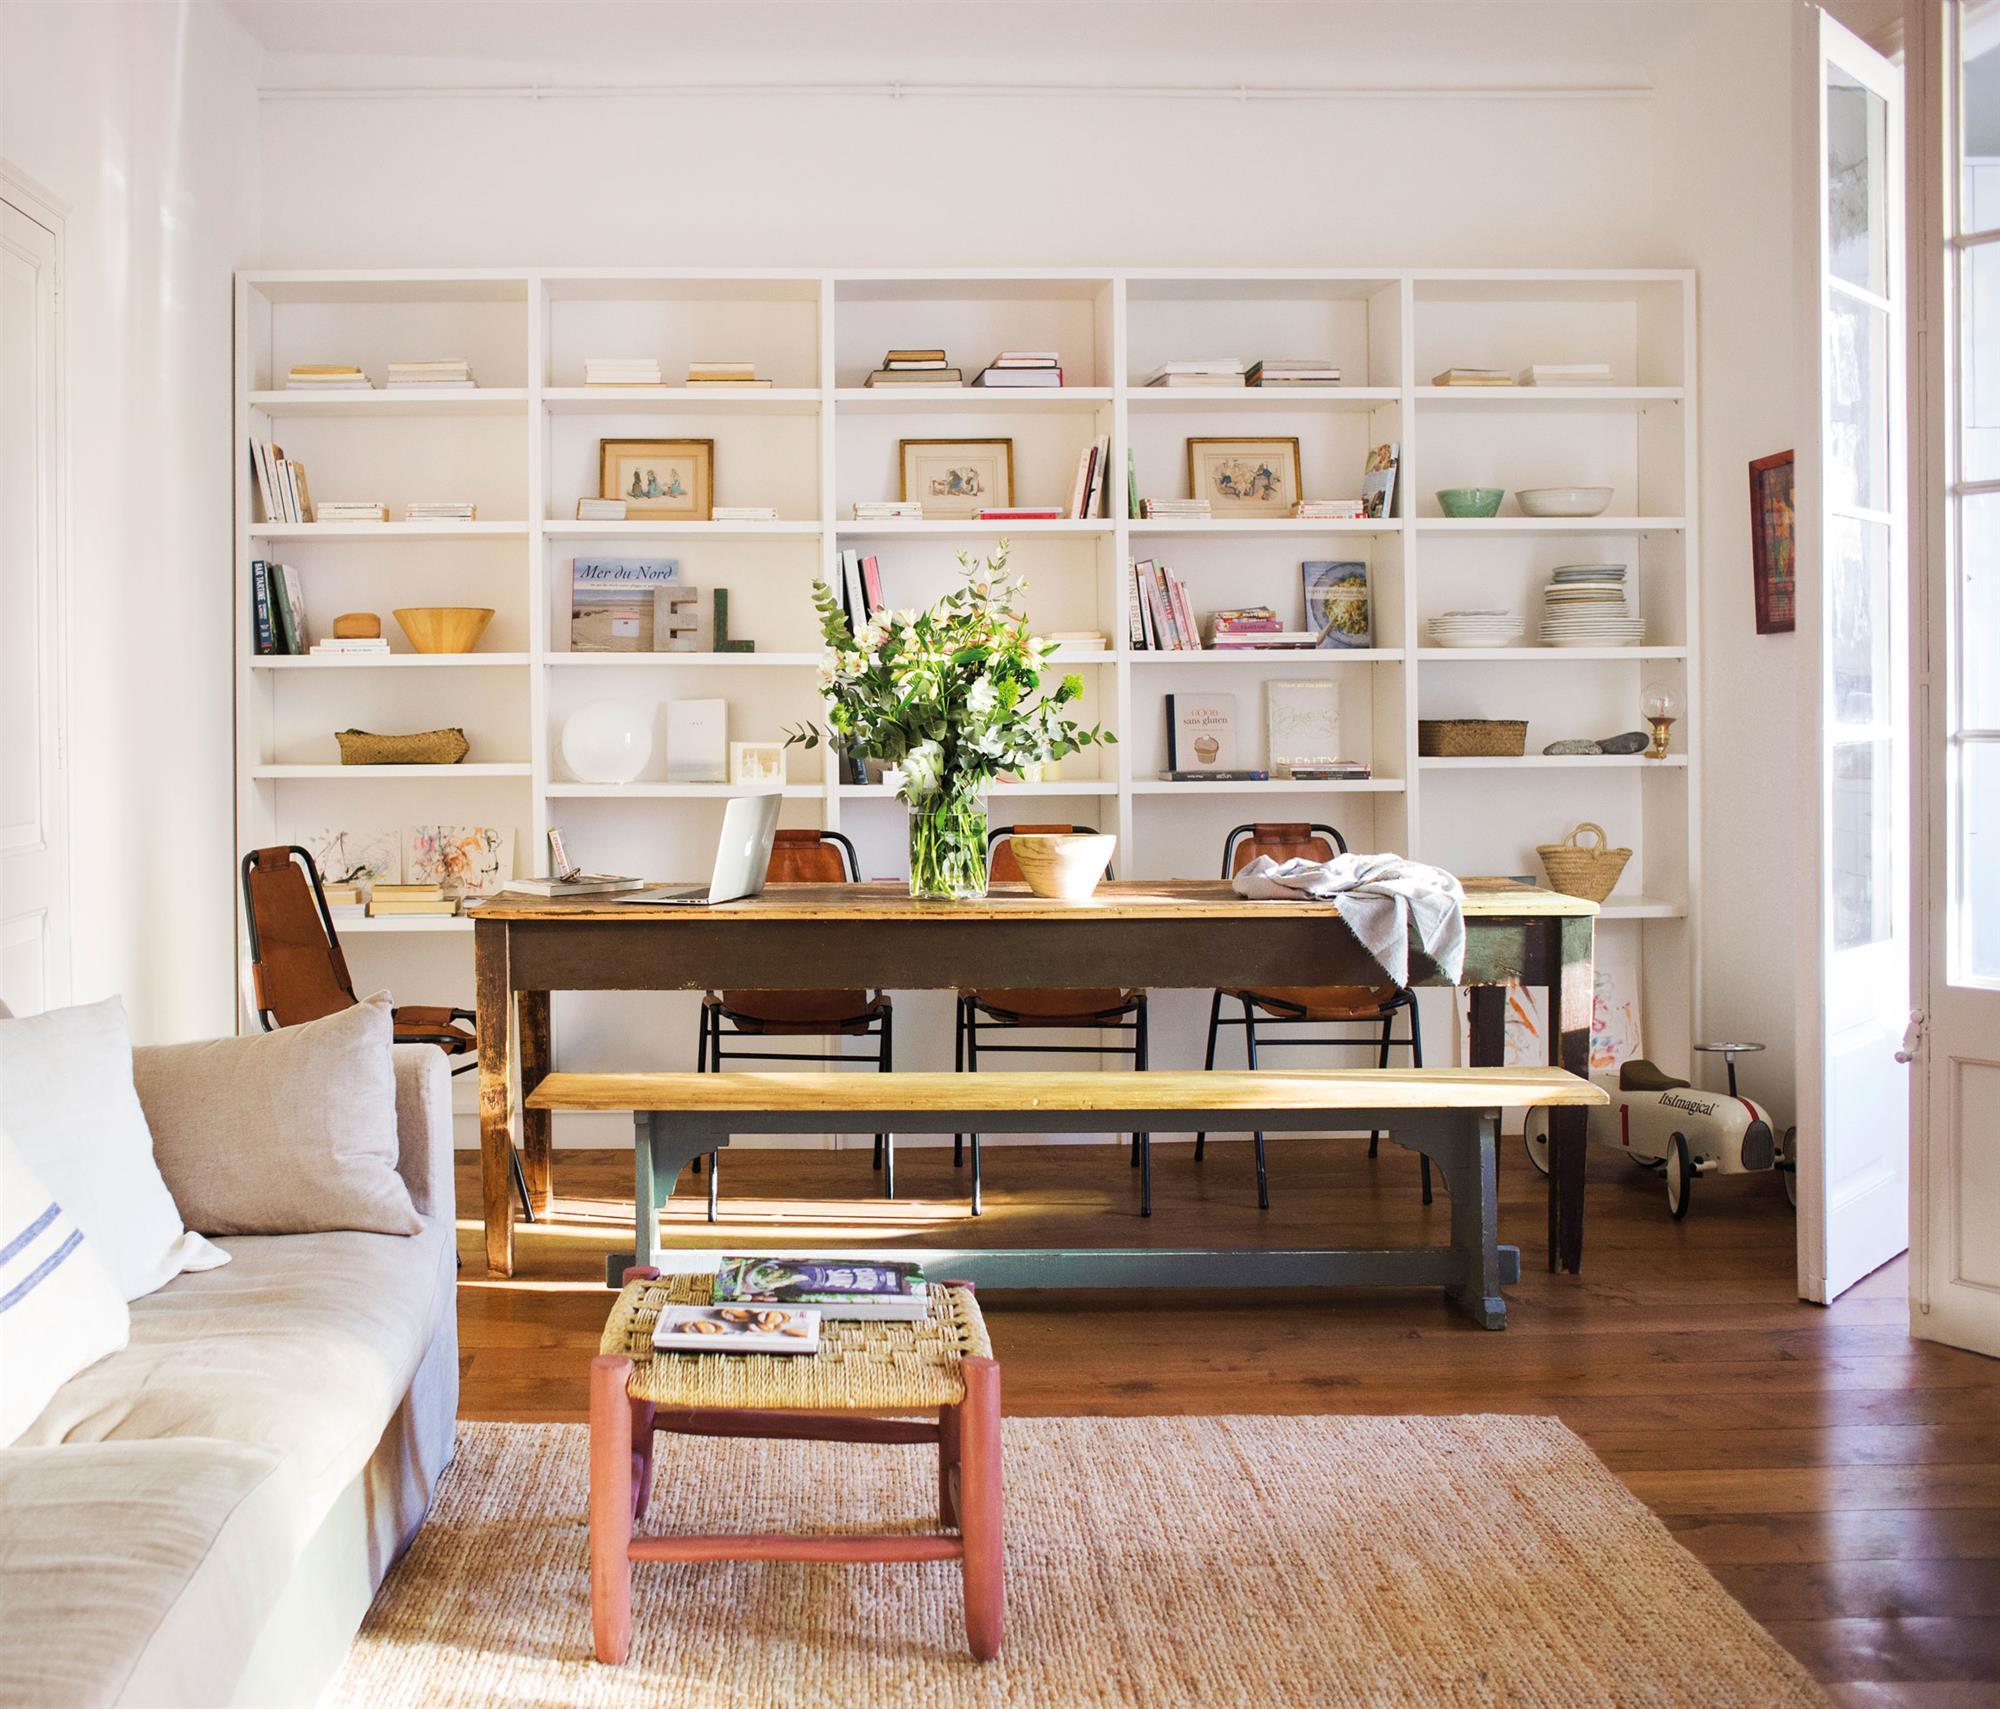 Salones muebles para la decoraci n del sal n comedor el - Mesas de libro para salon ...